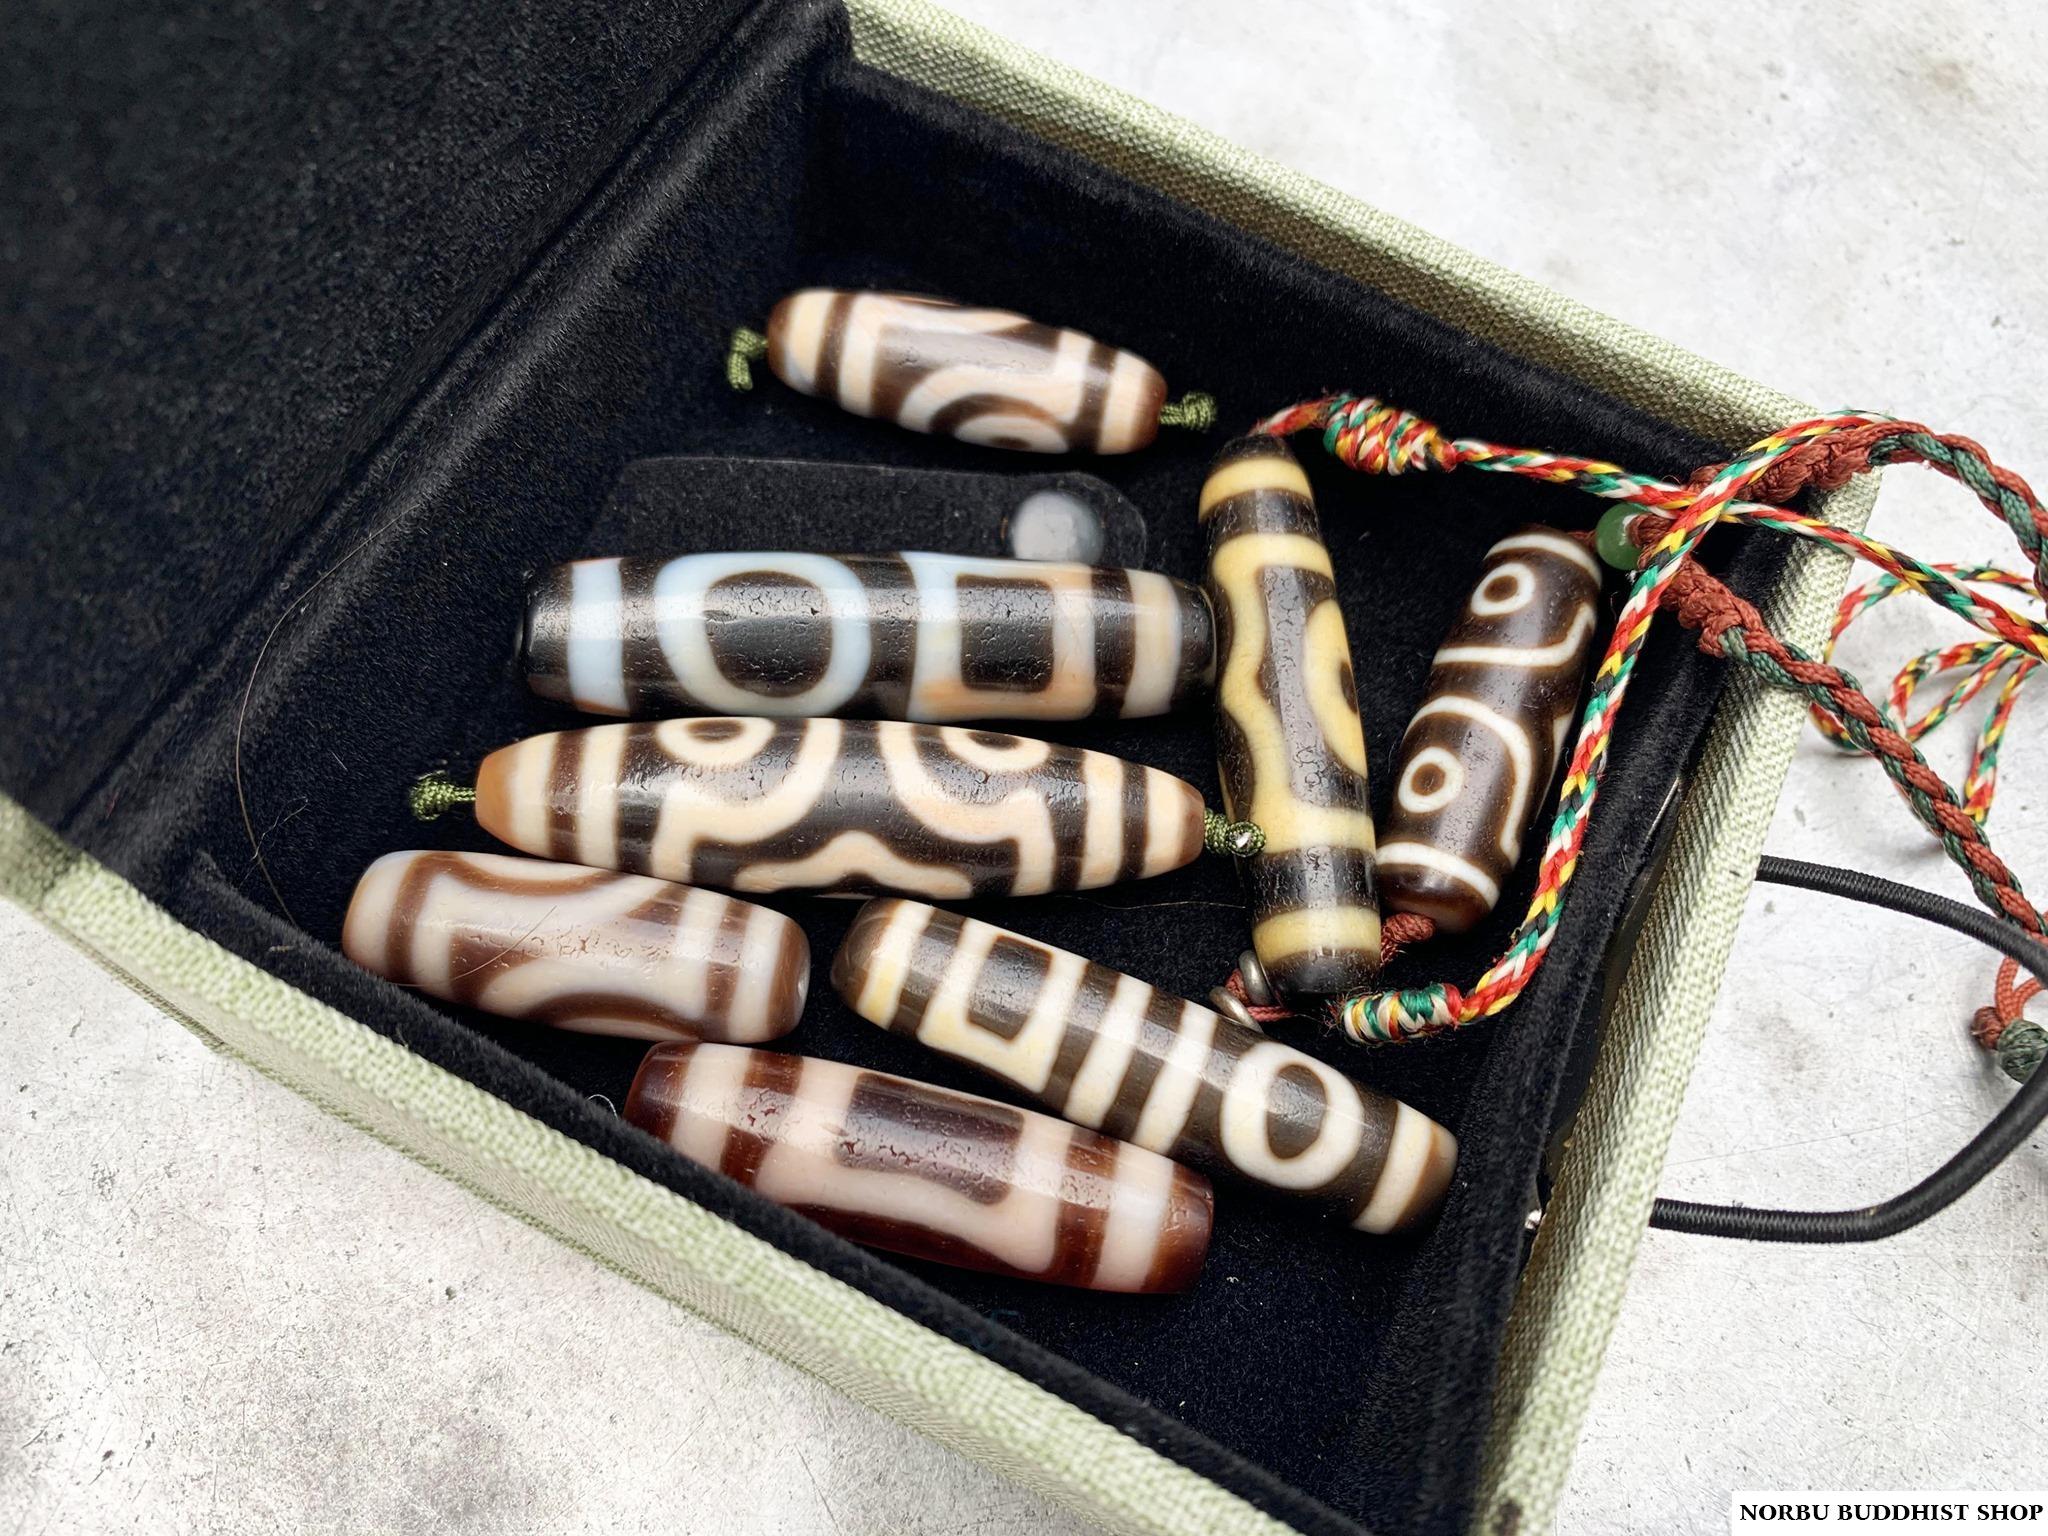 Làm thế nào để đeo hạt dzi bead đúng cách-ý nghĩa biểu tượng cơ bản của dzi bead 1